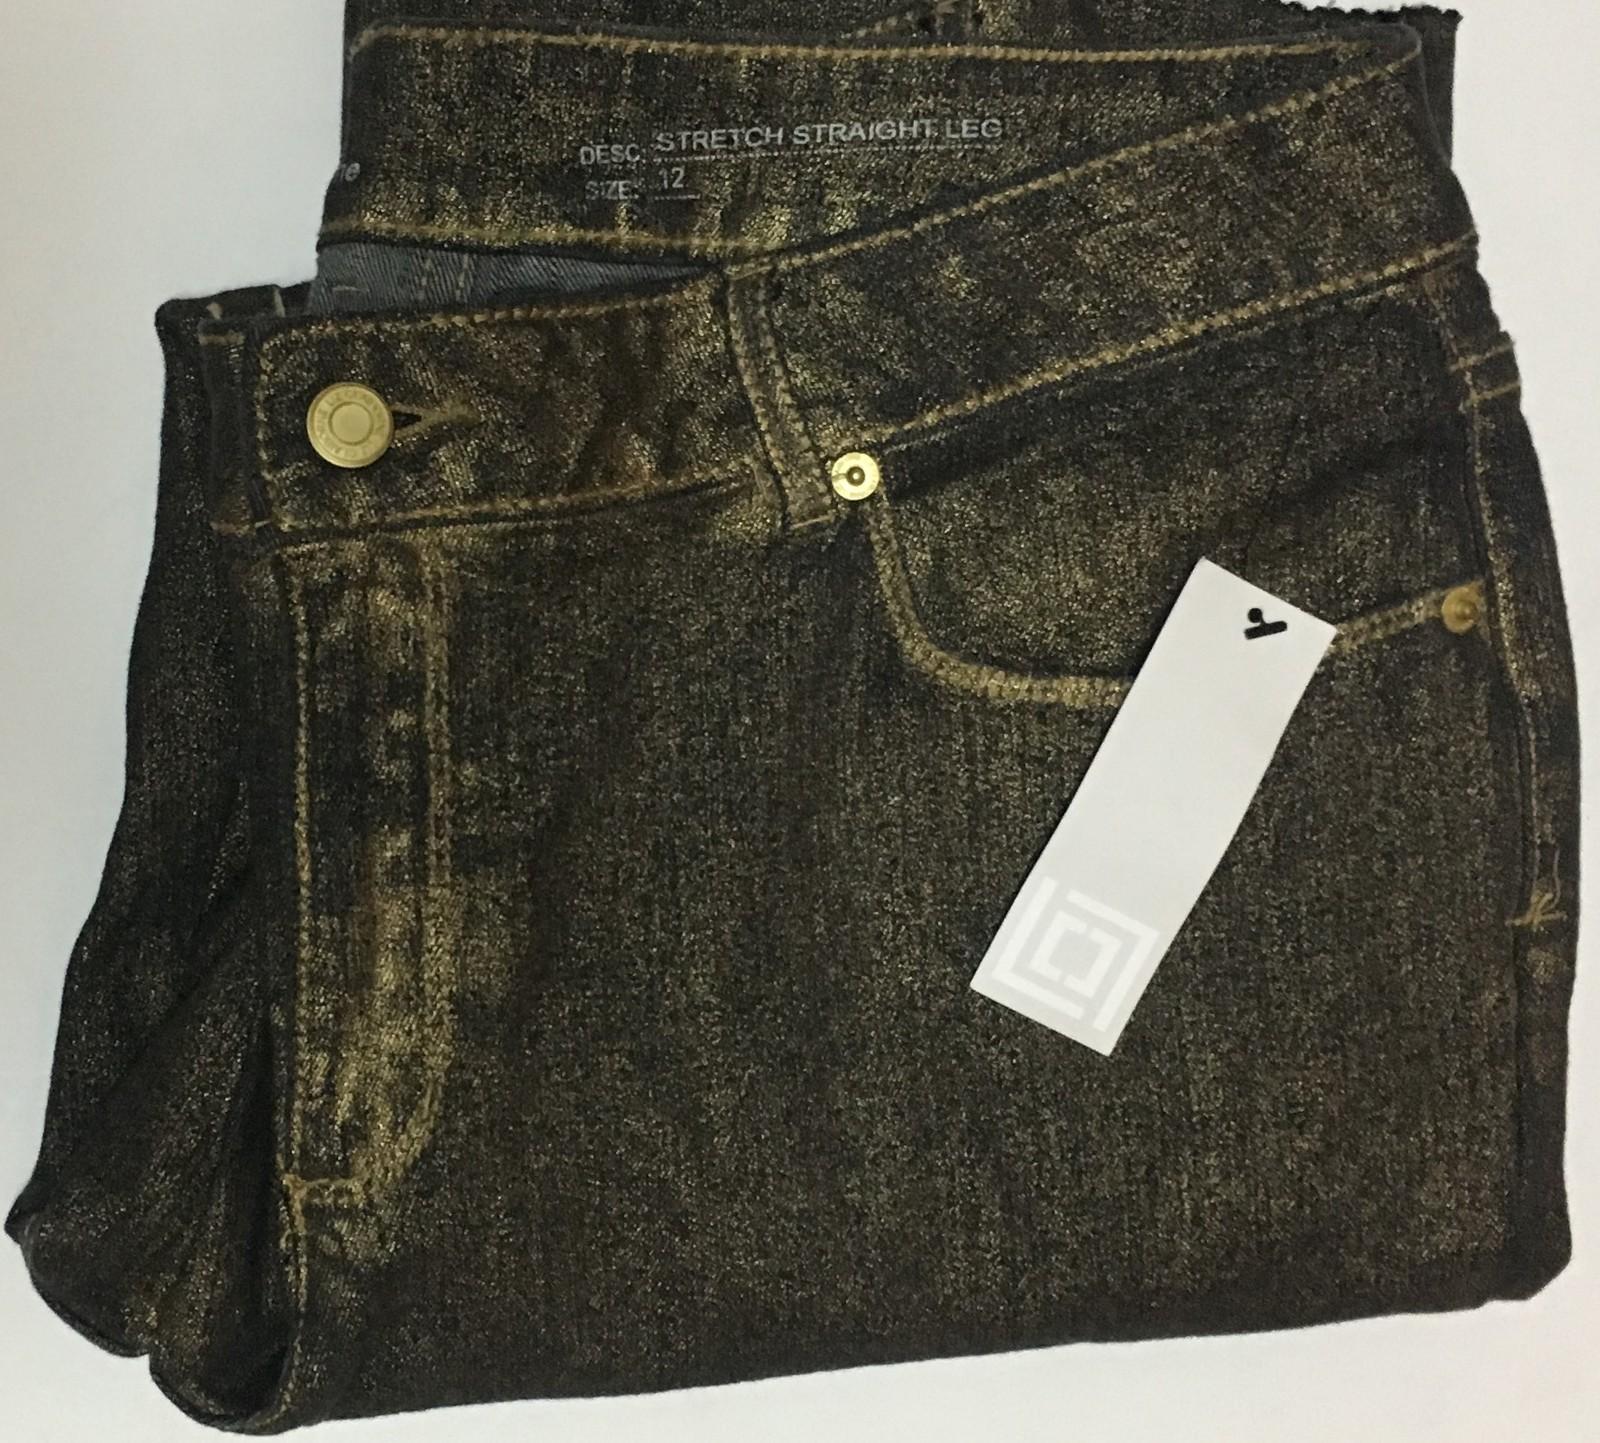 Liz Claiborne Jeans Stretch Straight Leg Sz 12 Black w/Gold Fleck